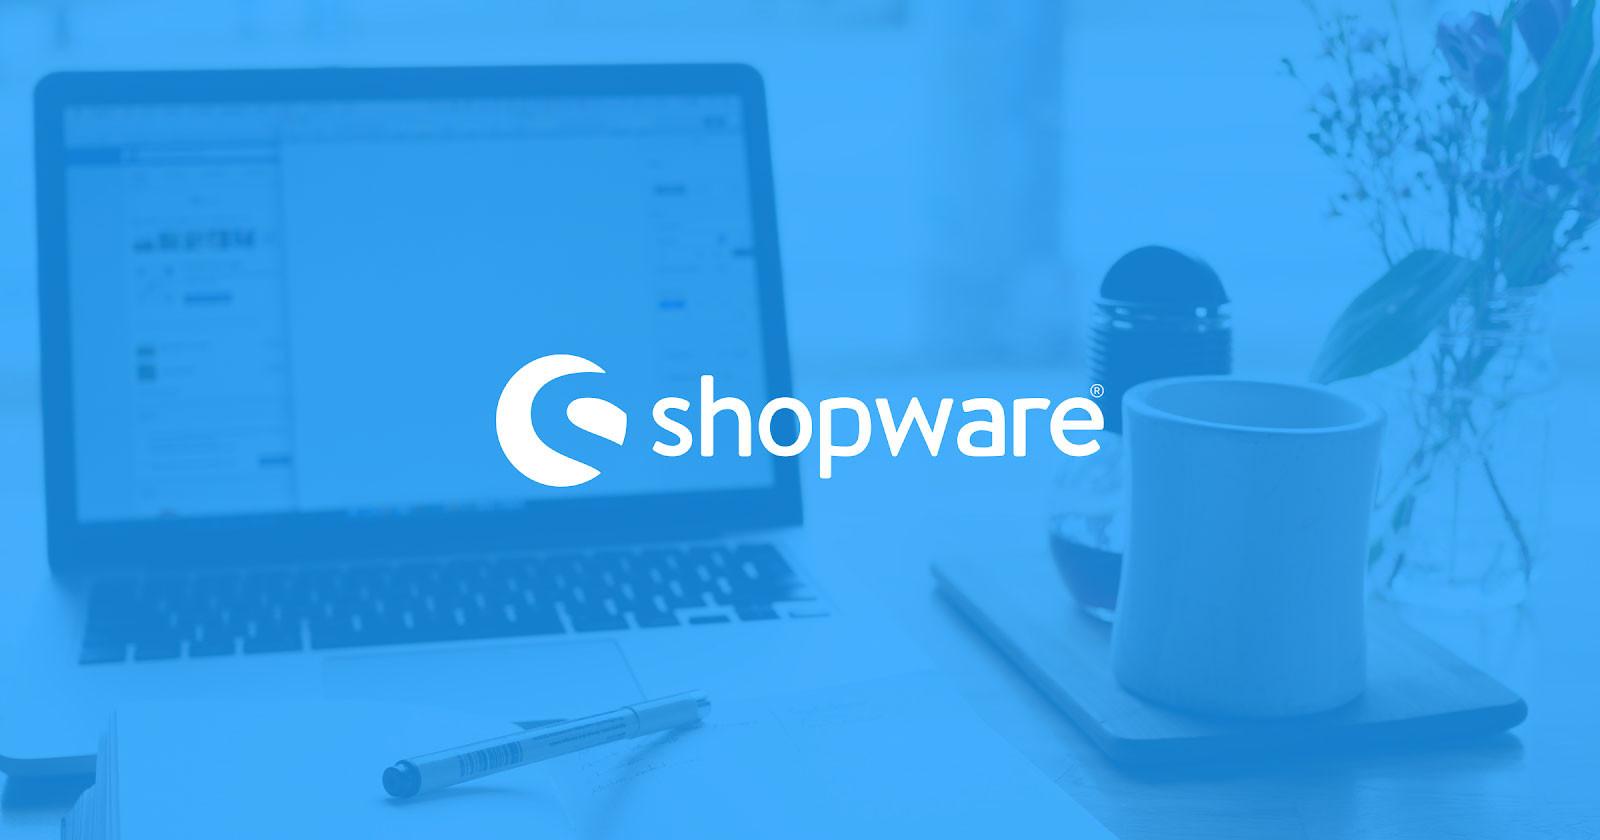 Shopware open source ecommerce platform 2021